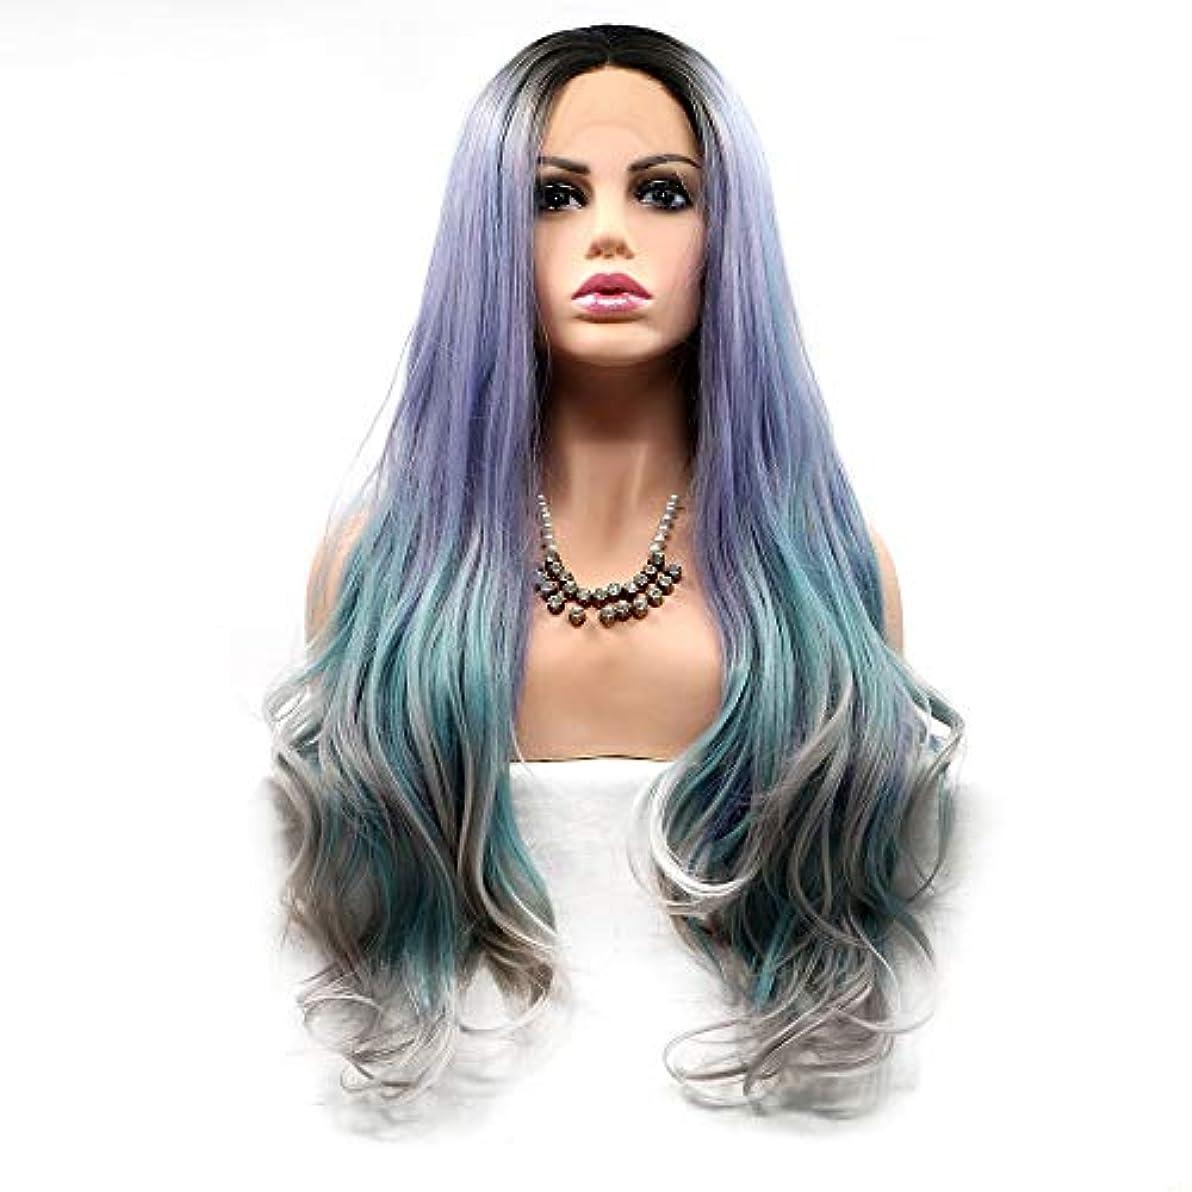 知性祈る正規化ヘアピース 化学繊維のかつらの真ん中に設定された女性のためのかつら長い巻き毛ヨーロッパとアメリカのかつらセット-紫-緑-グレー-グラデーション